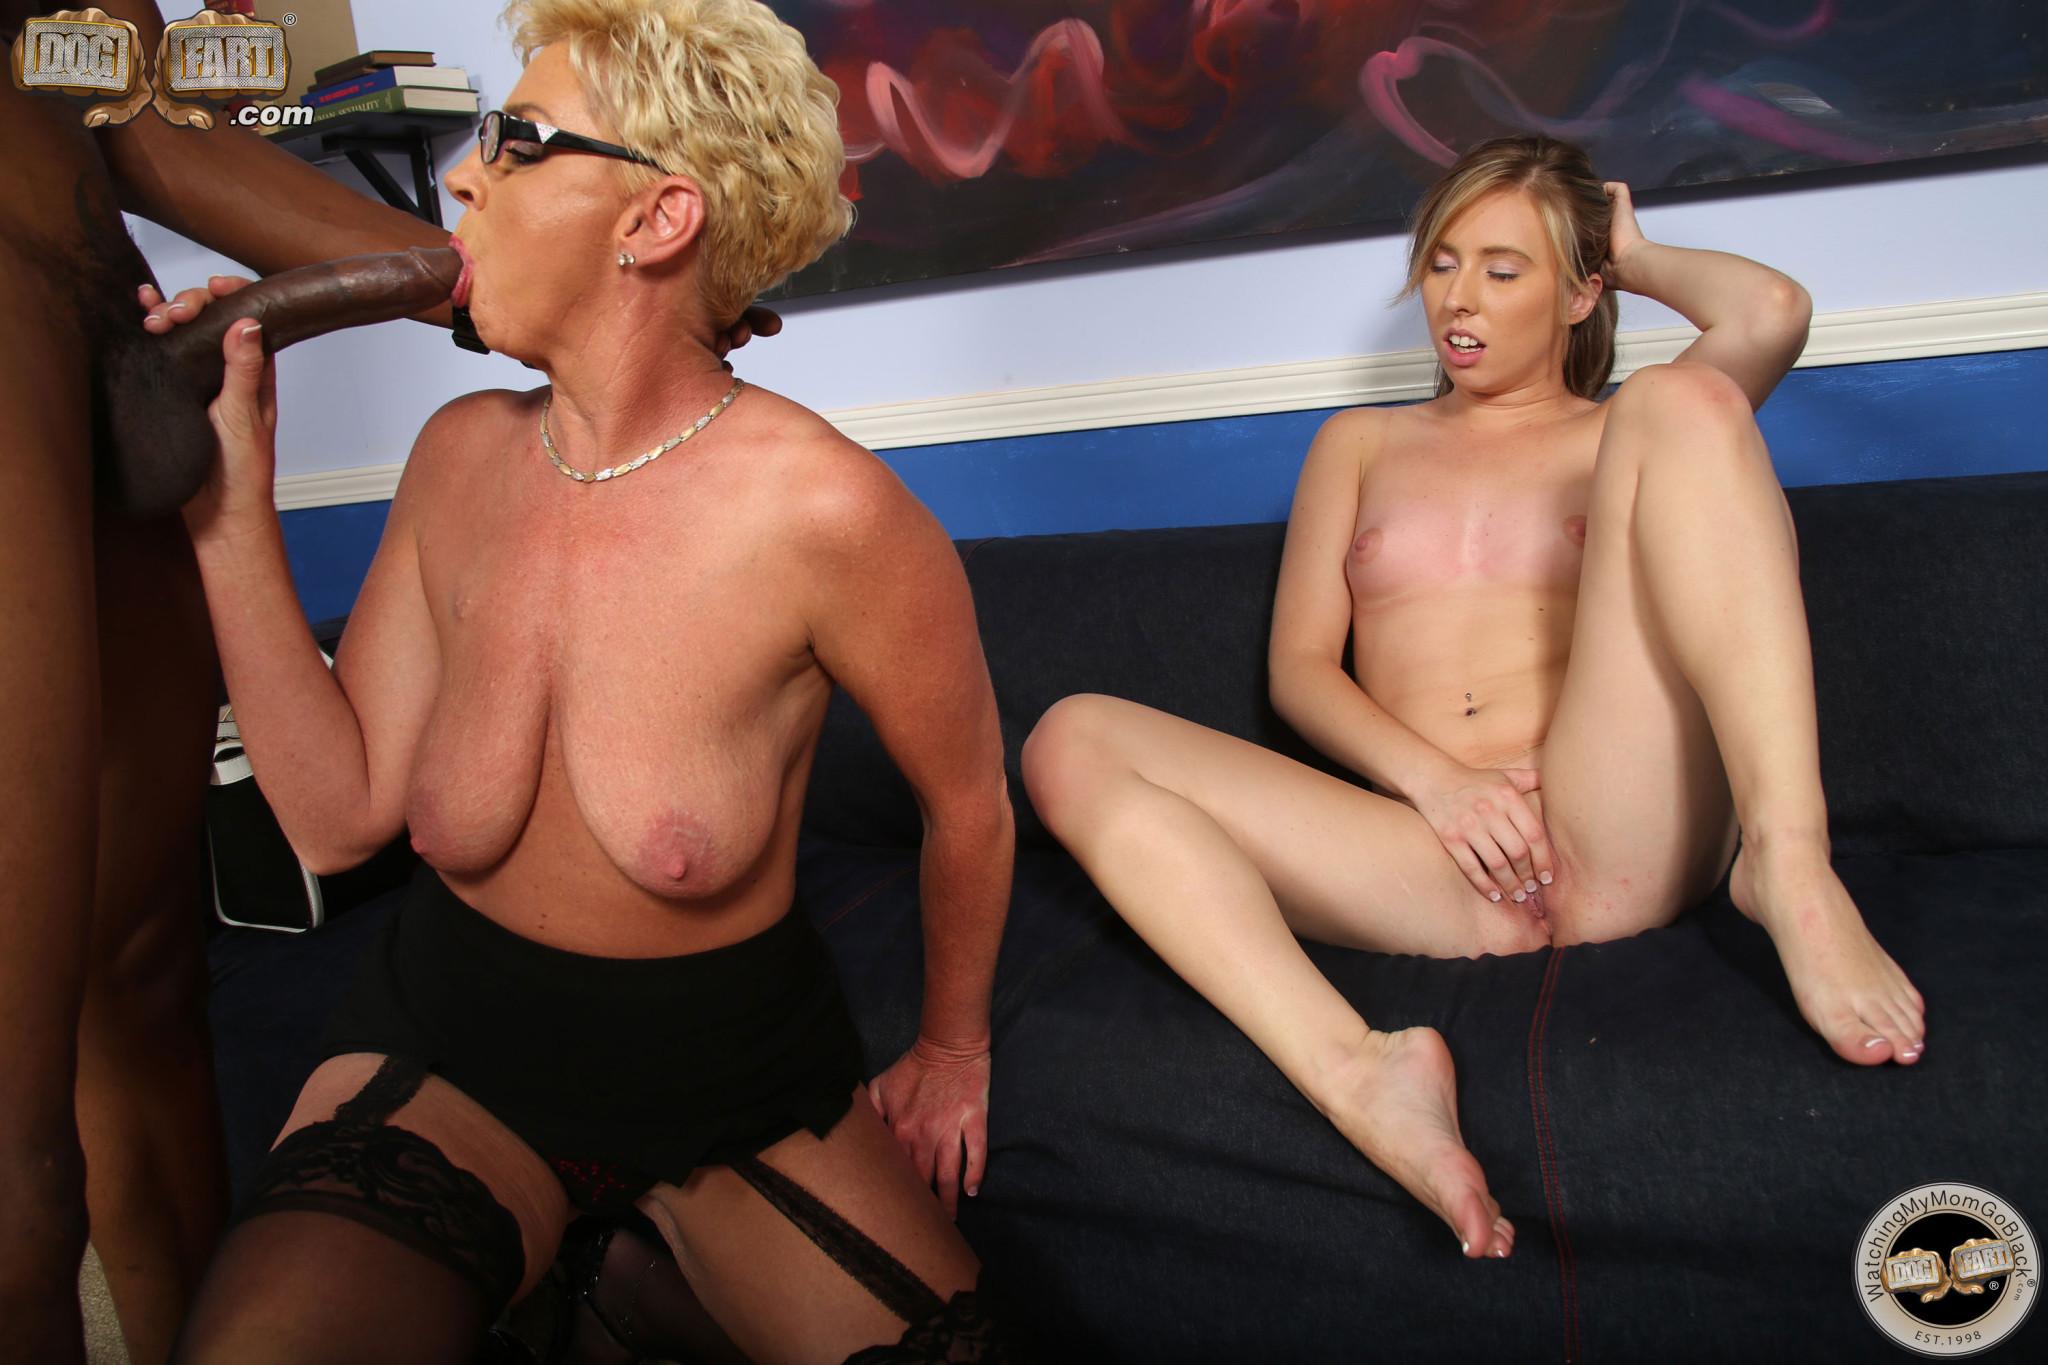 Линн Тейлор и Софи Катрер  подставляют свои пизденки под упор горячего черного хуя